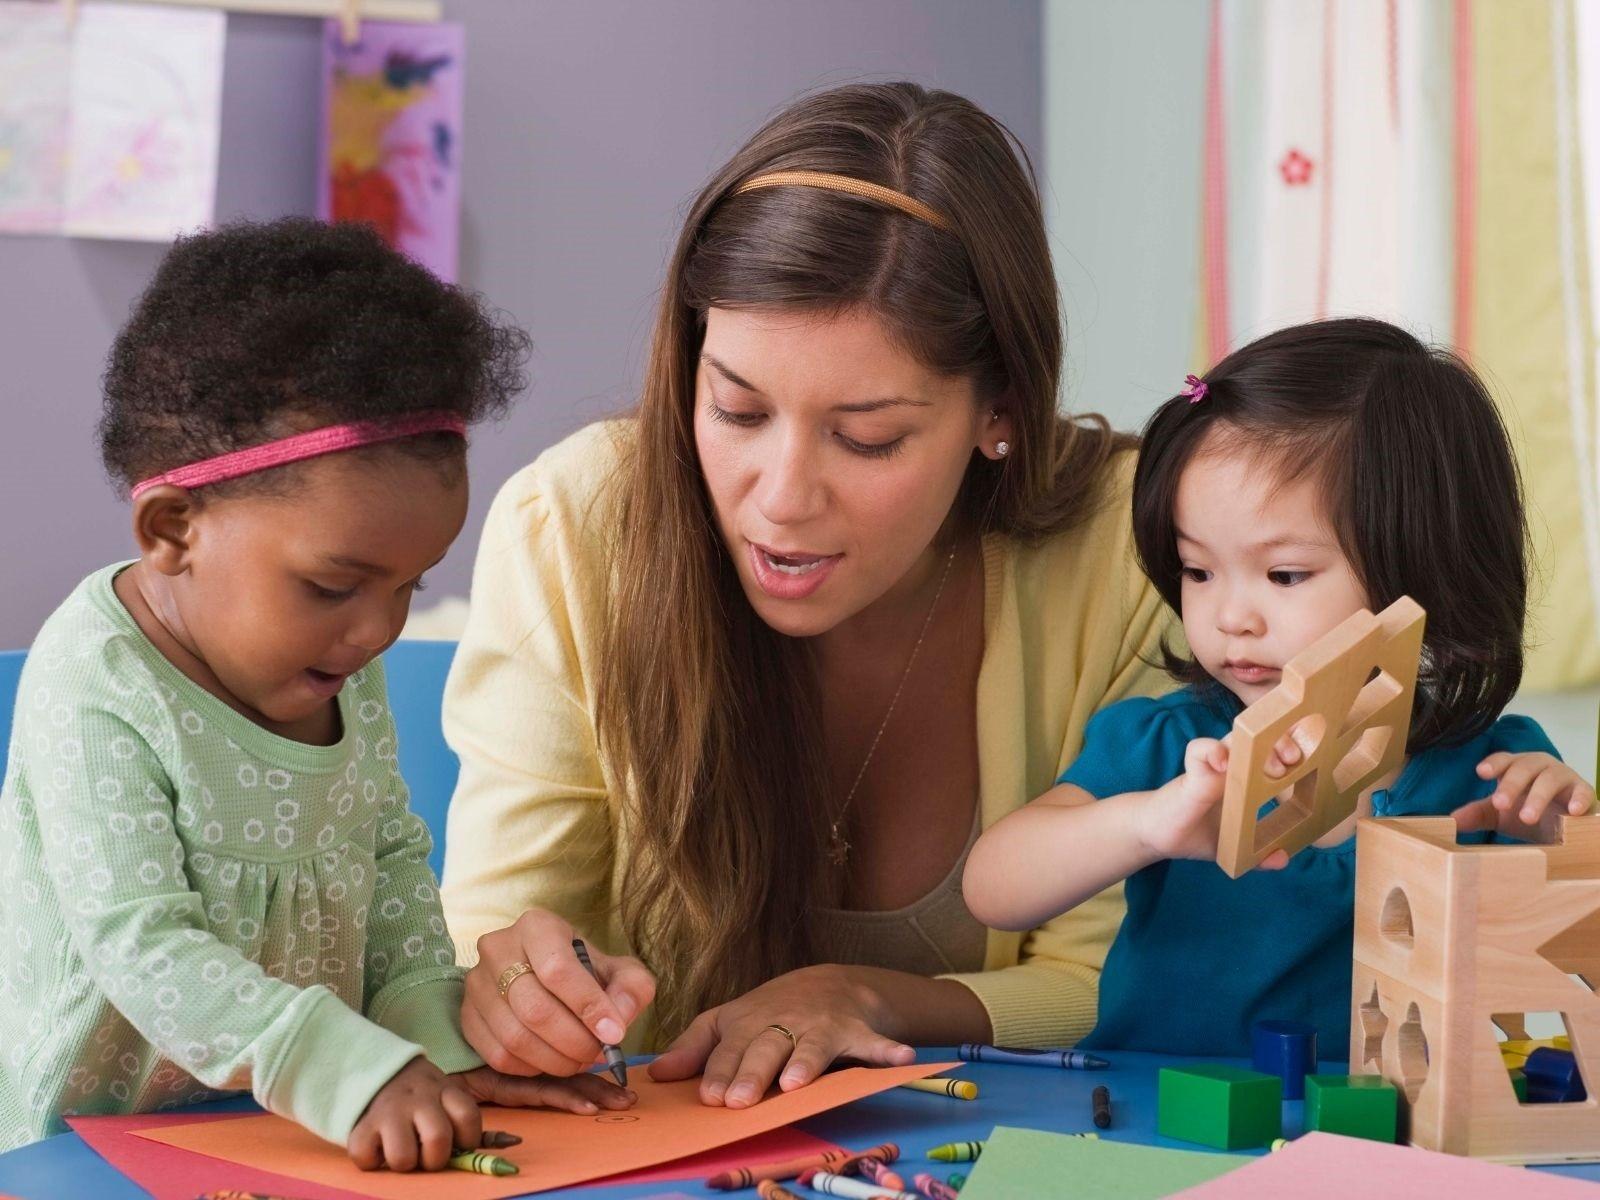 Kindertagespflegeperson spielt mit zwei kleinen Kinder. Quelle/Autor: Canva